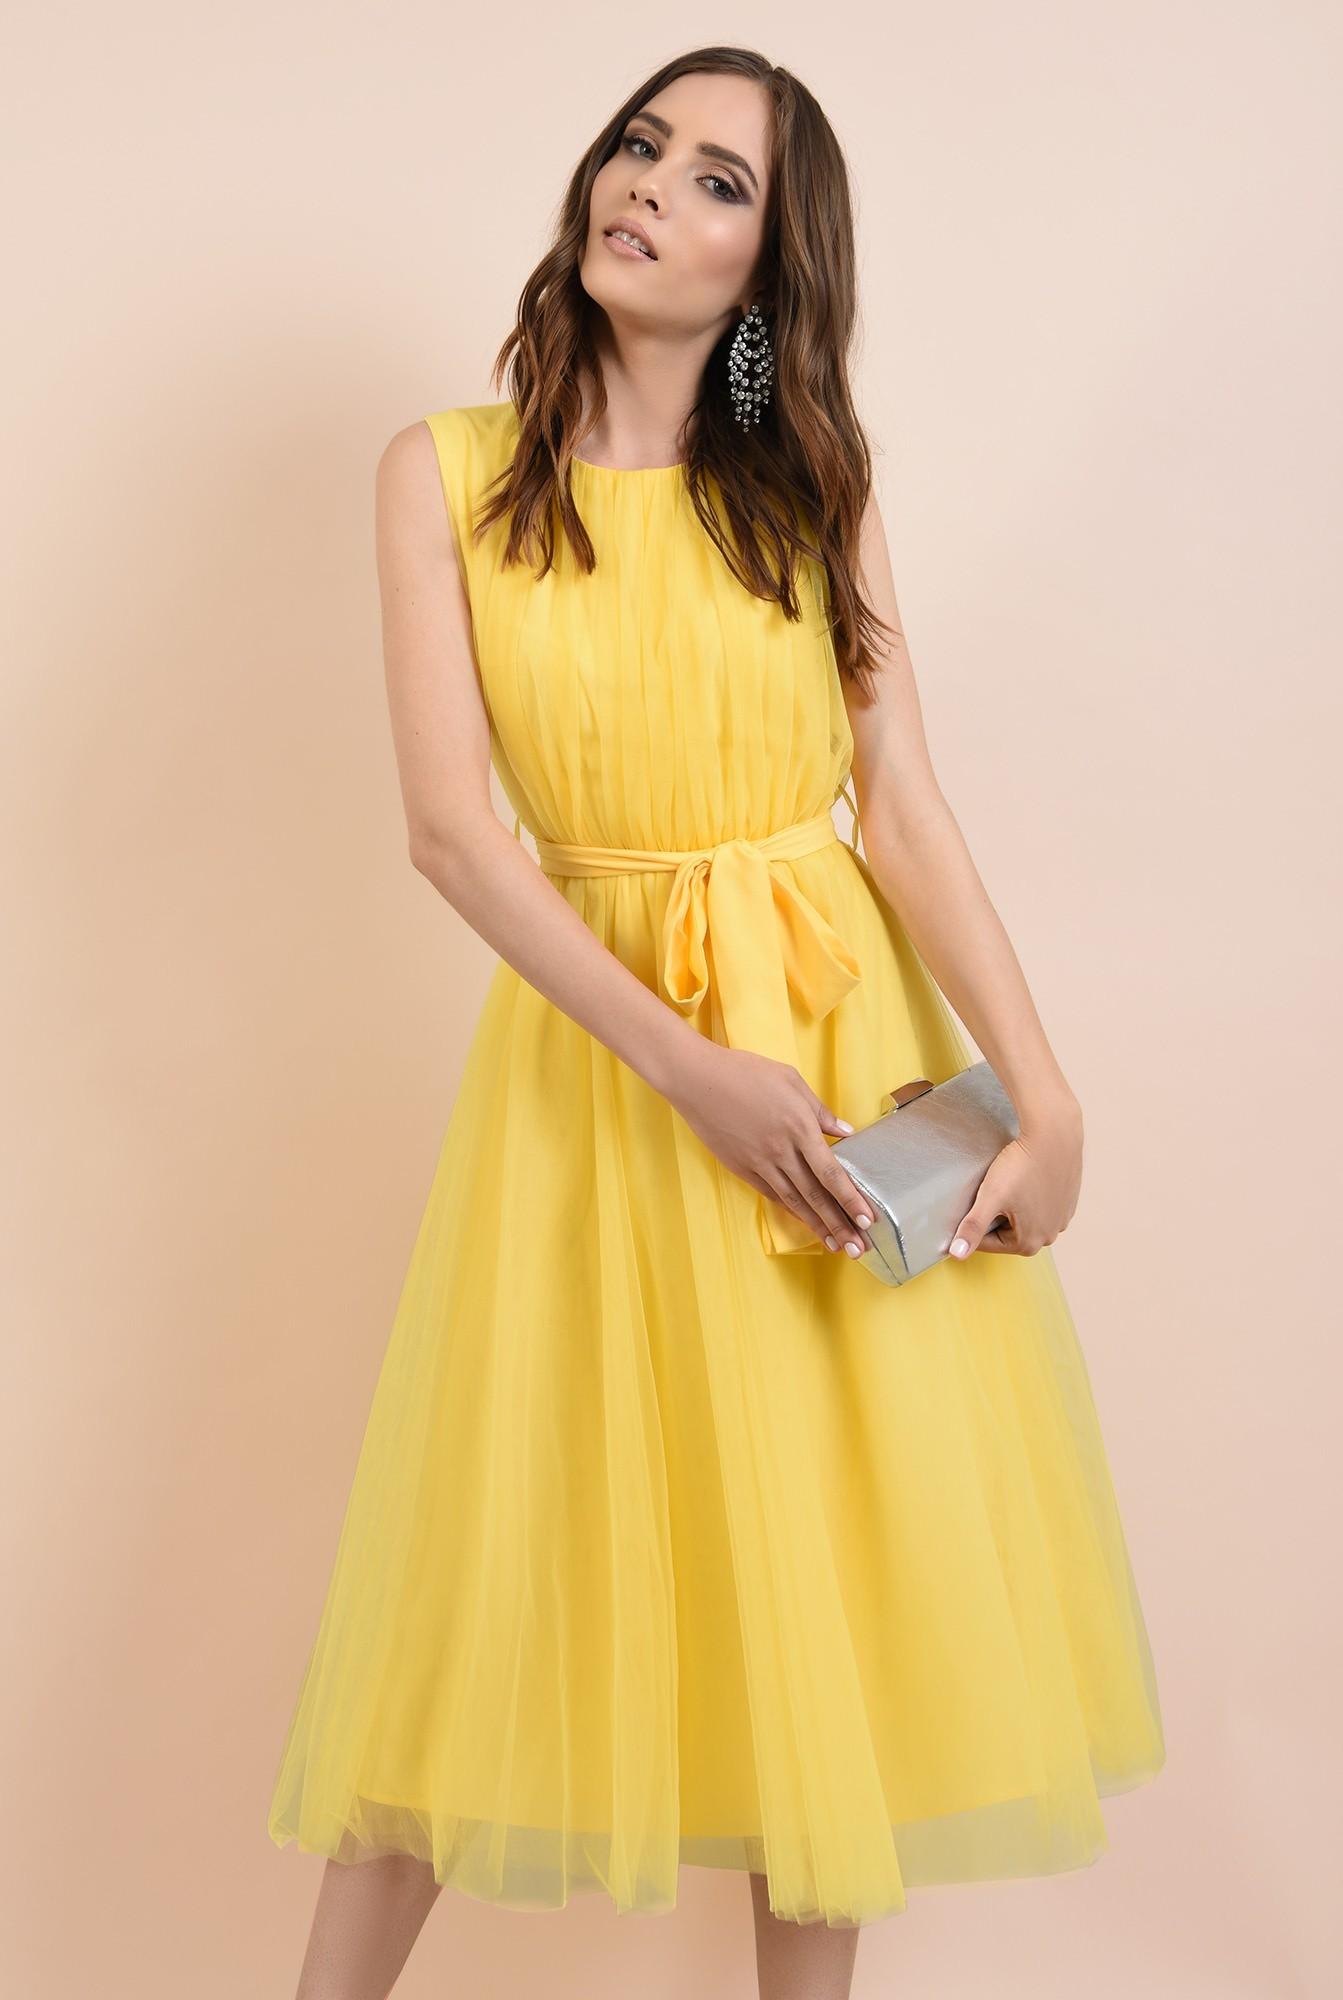 2 - rochie de seara, din tul galben, funda la talie, Poema, croi clos